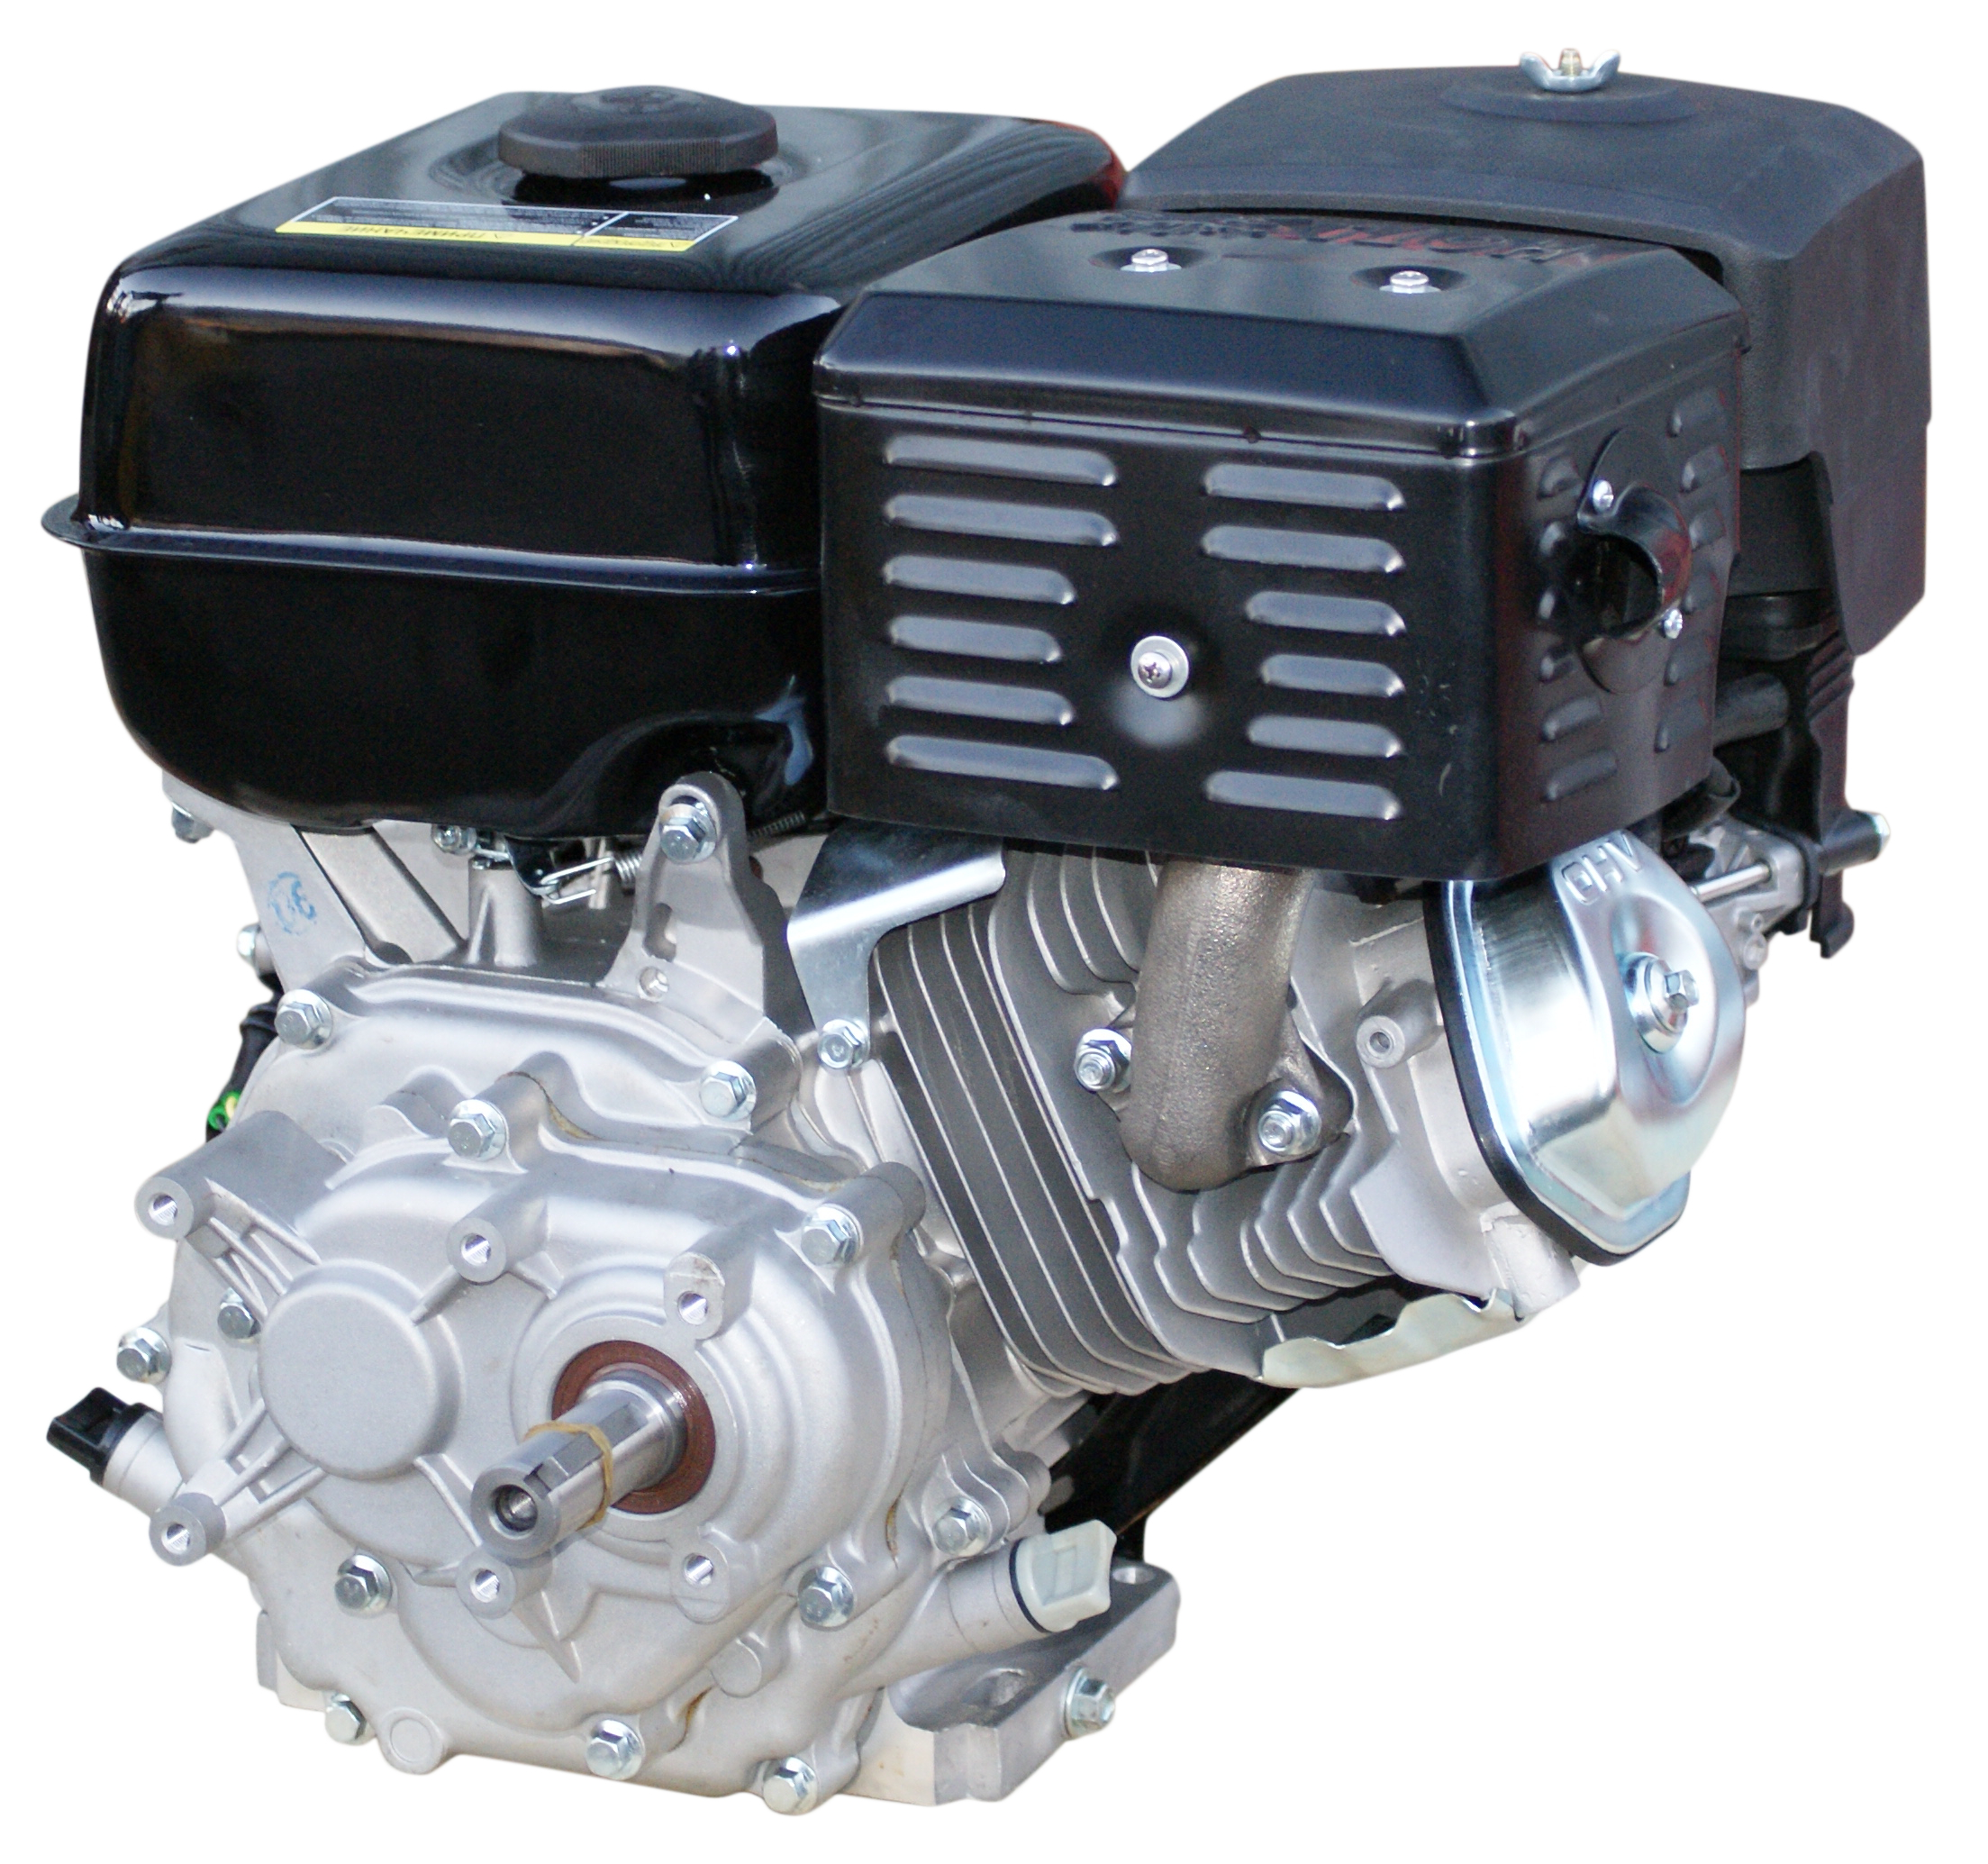 Двигатель Lifan 190f-l двигатель lifan 168f 2l